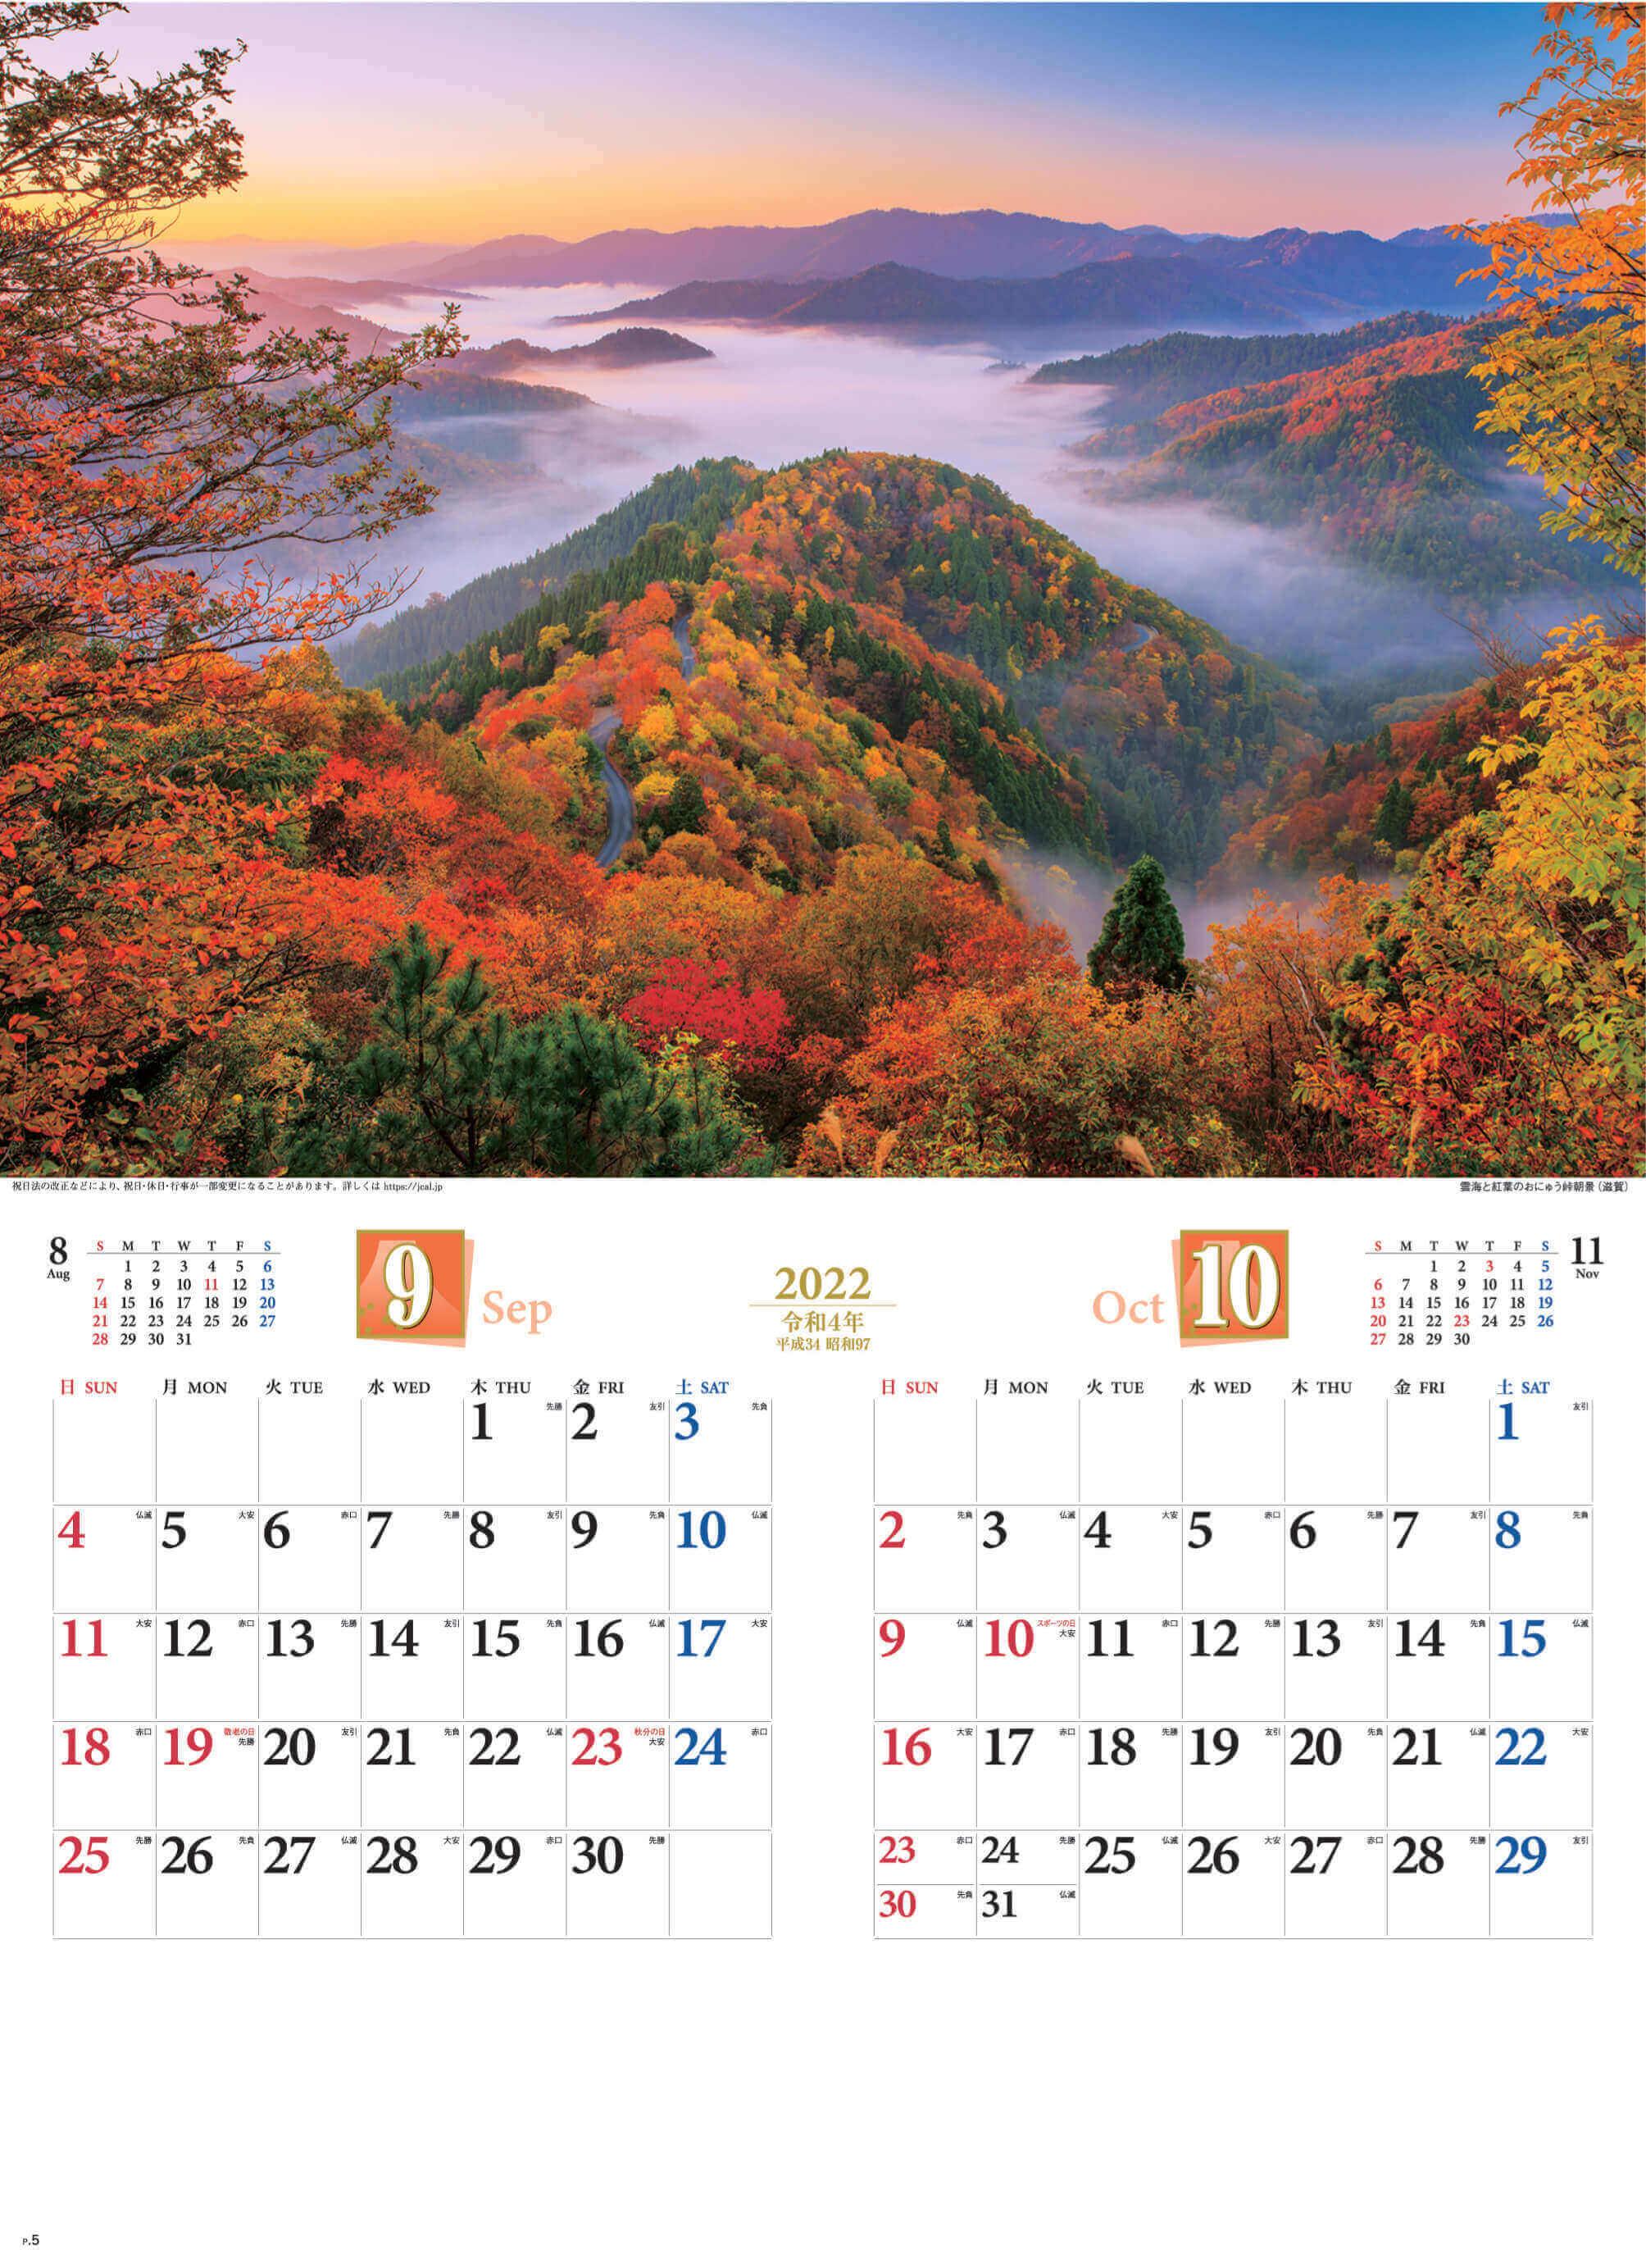 9-10月 おにゅう峠朝景(滋賀) 四季彩峰 2022年カレンダーの画像